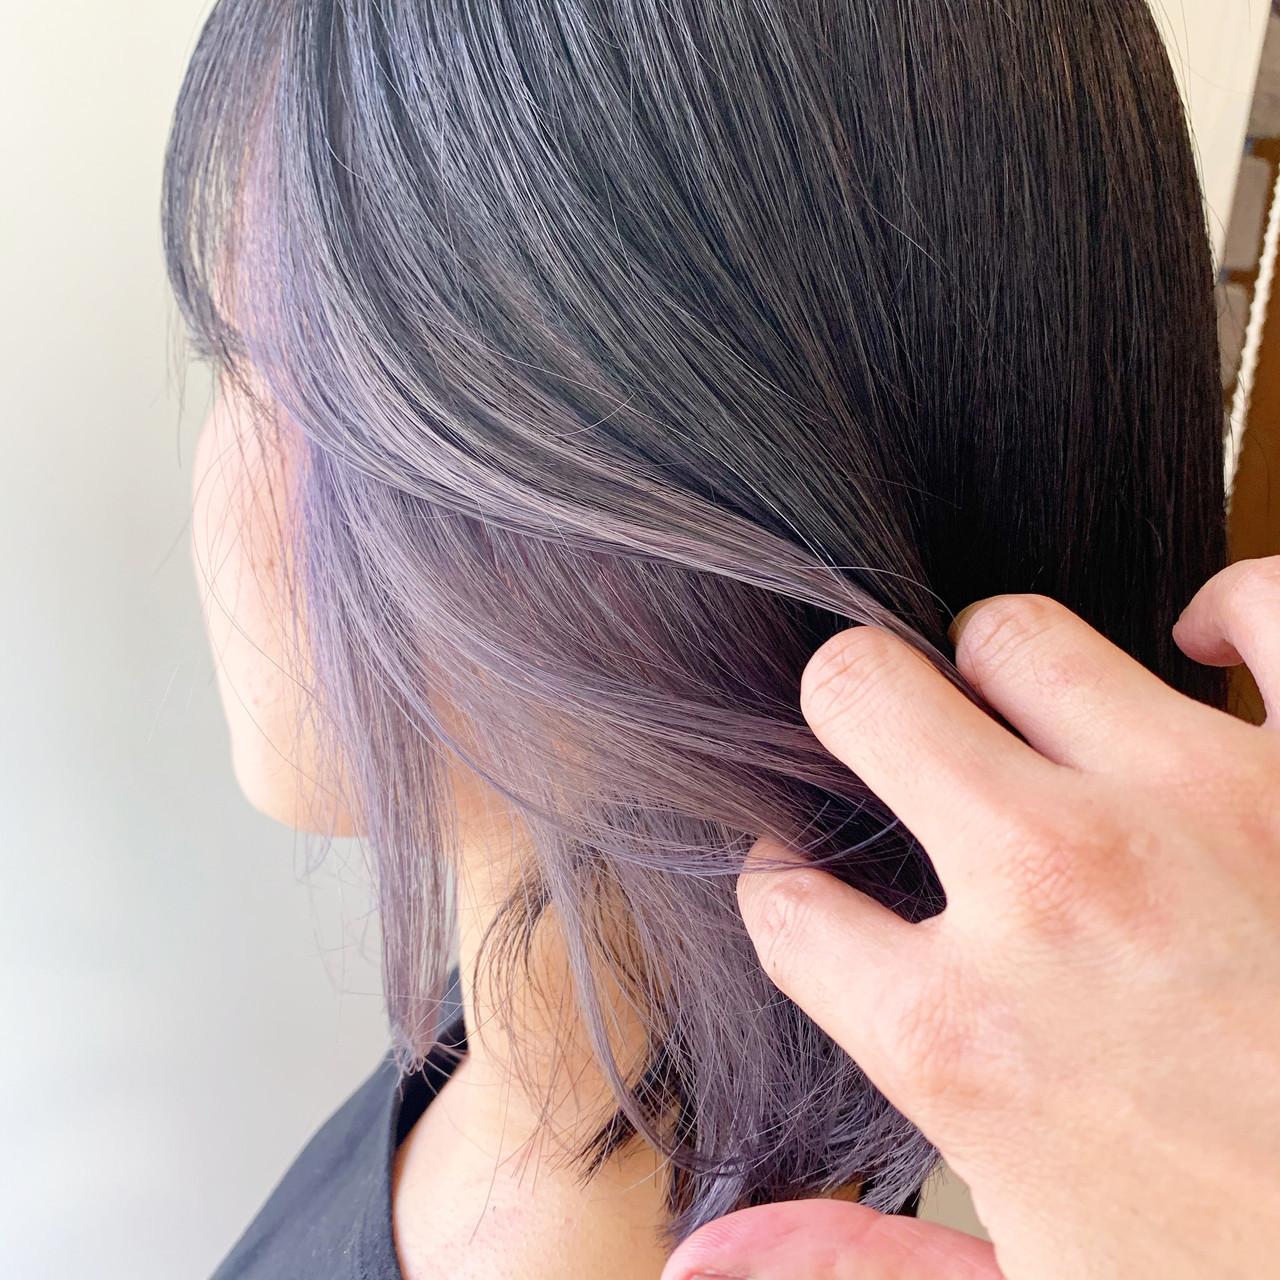 ダブルカラー ラベンダーアッシュ ストリート ミディアム ヘアスタイルや髪型の写真・画像